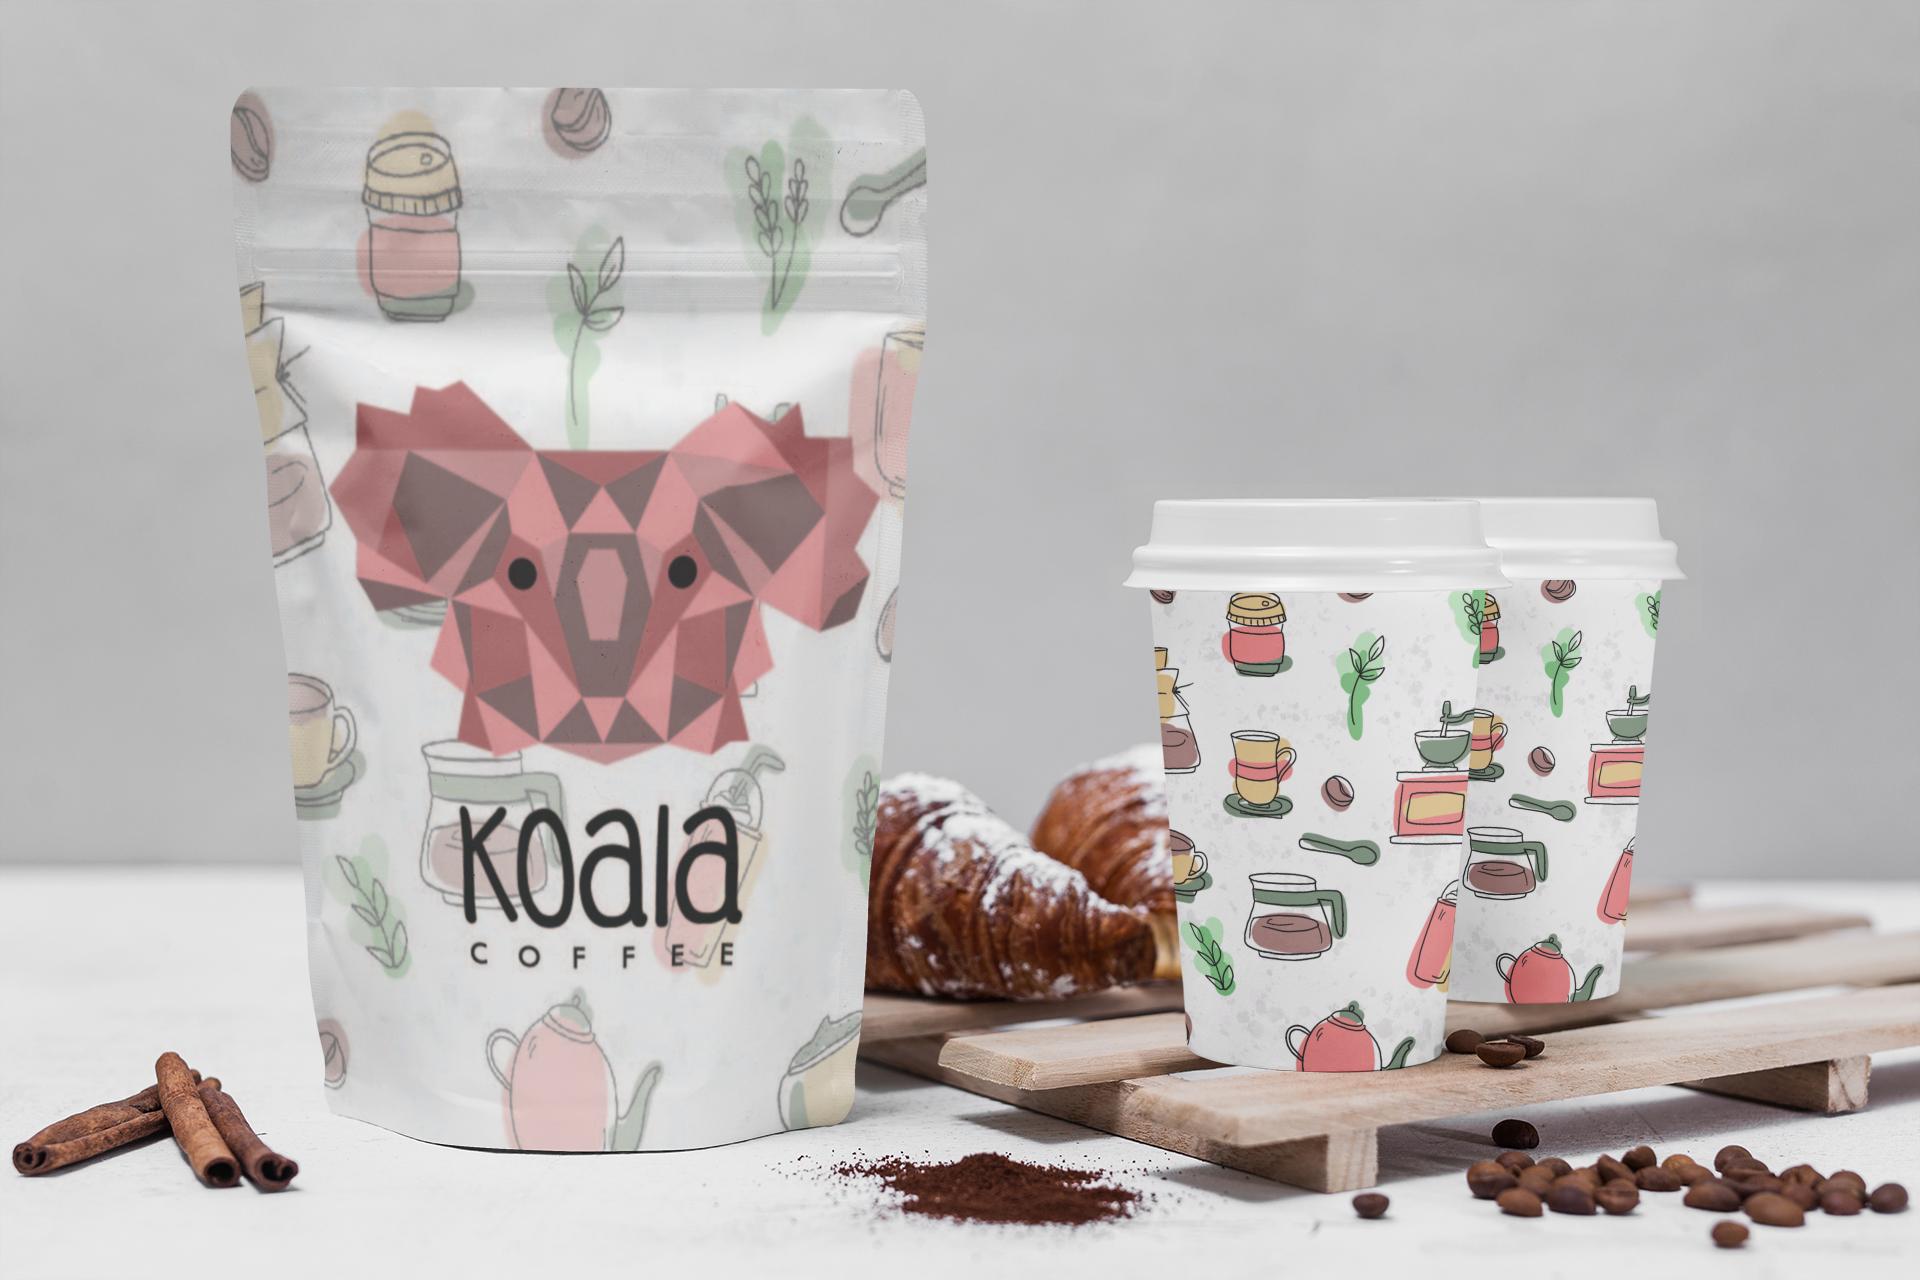 Koala Coffee Packaging (Revamp)